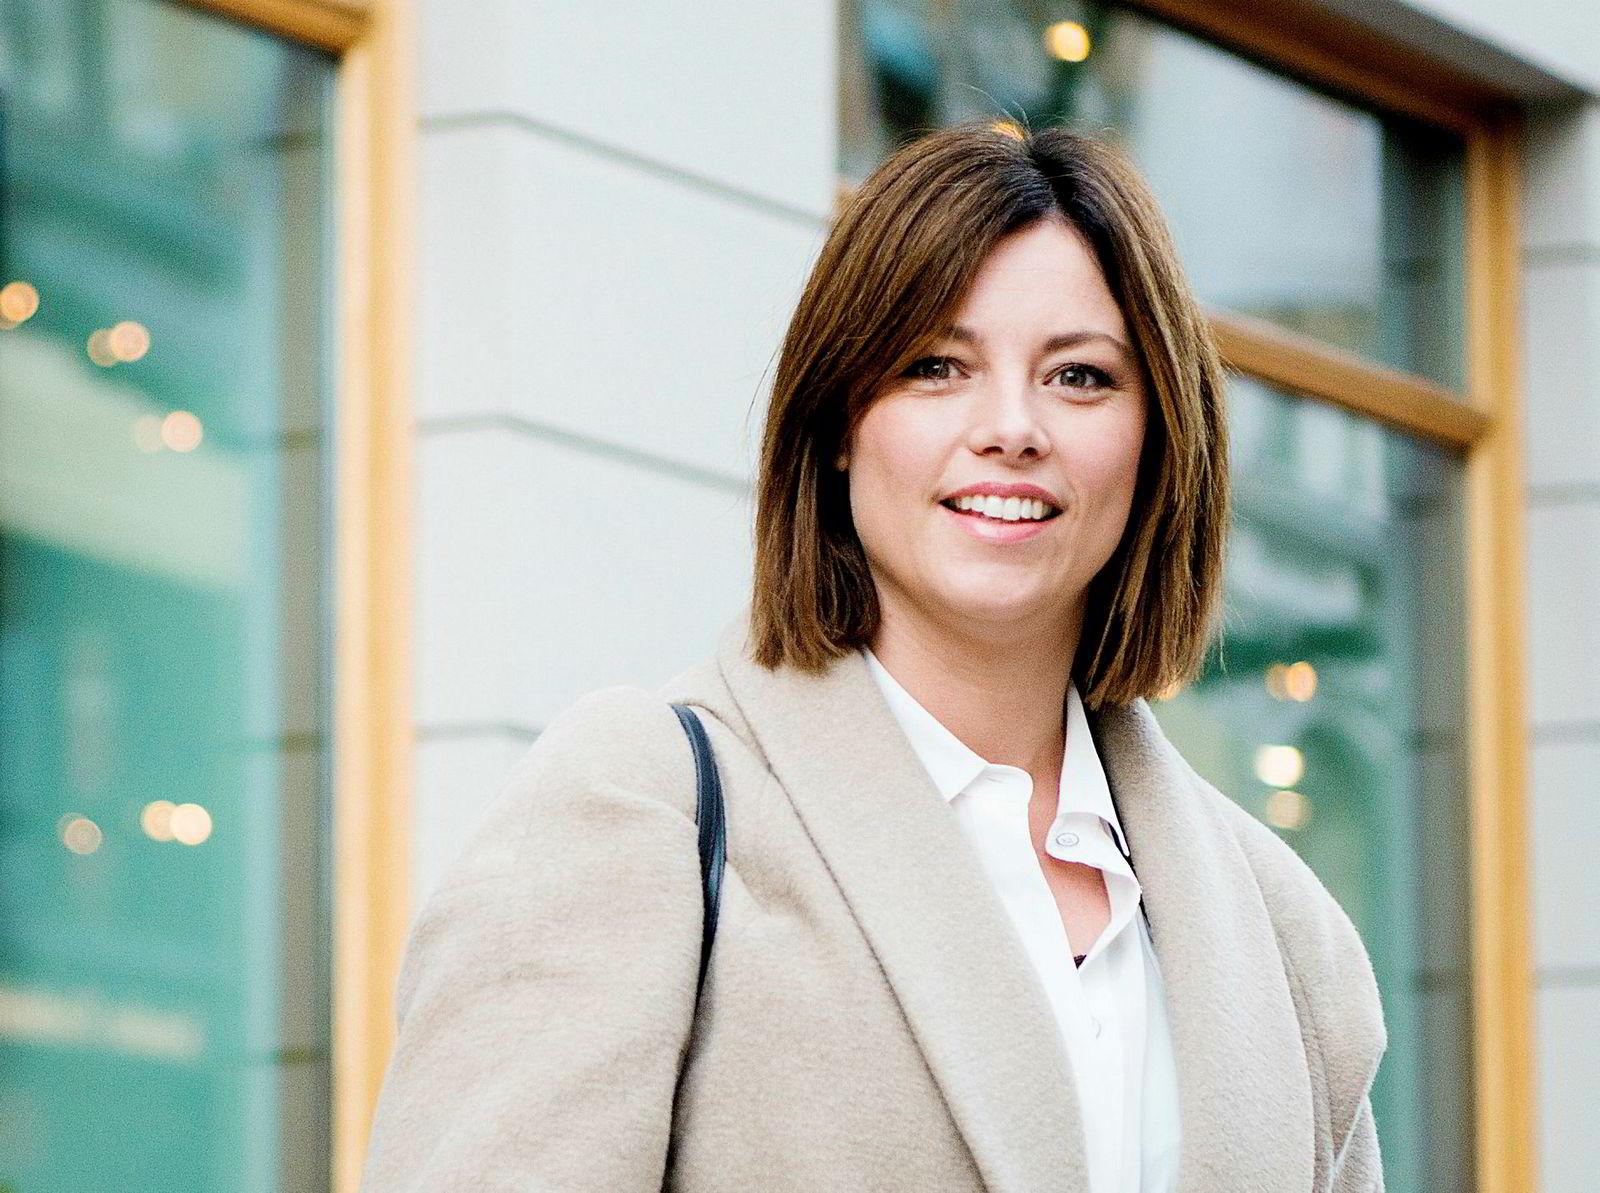 Organisasjons- og informasjonsdirektør i TV 2, Sarah Willand.